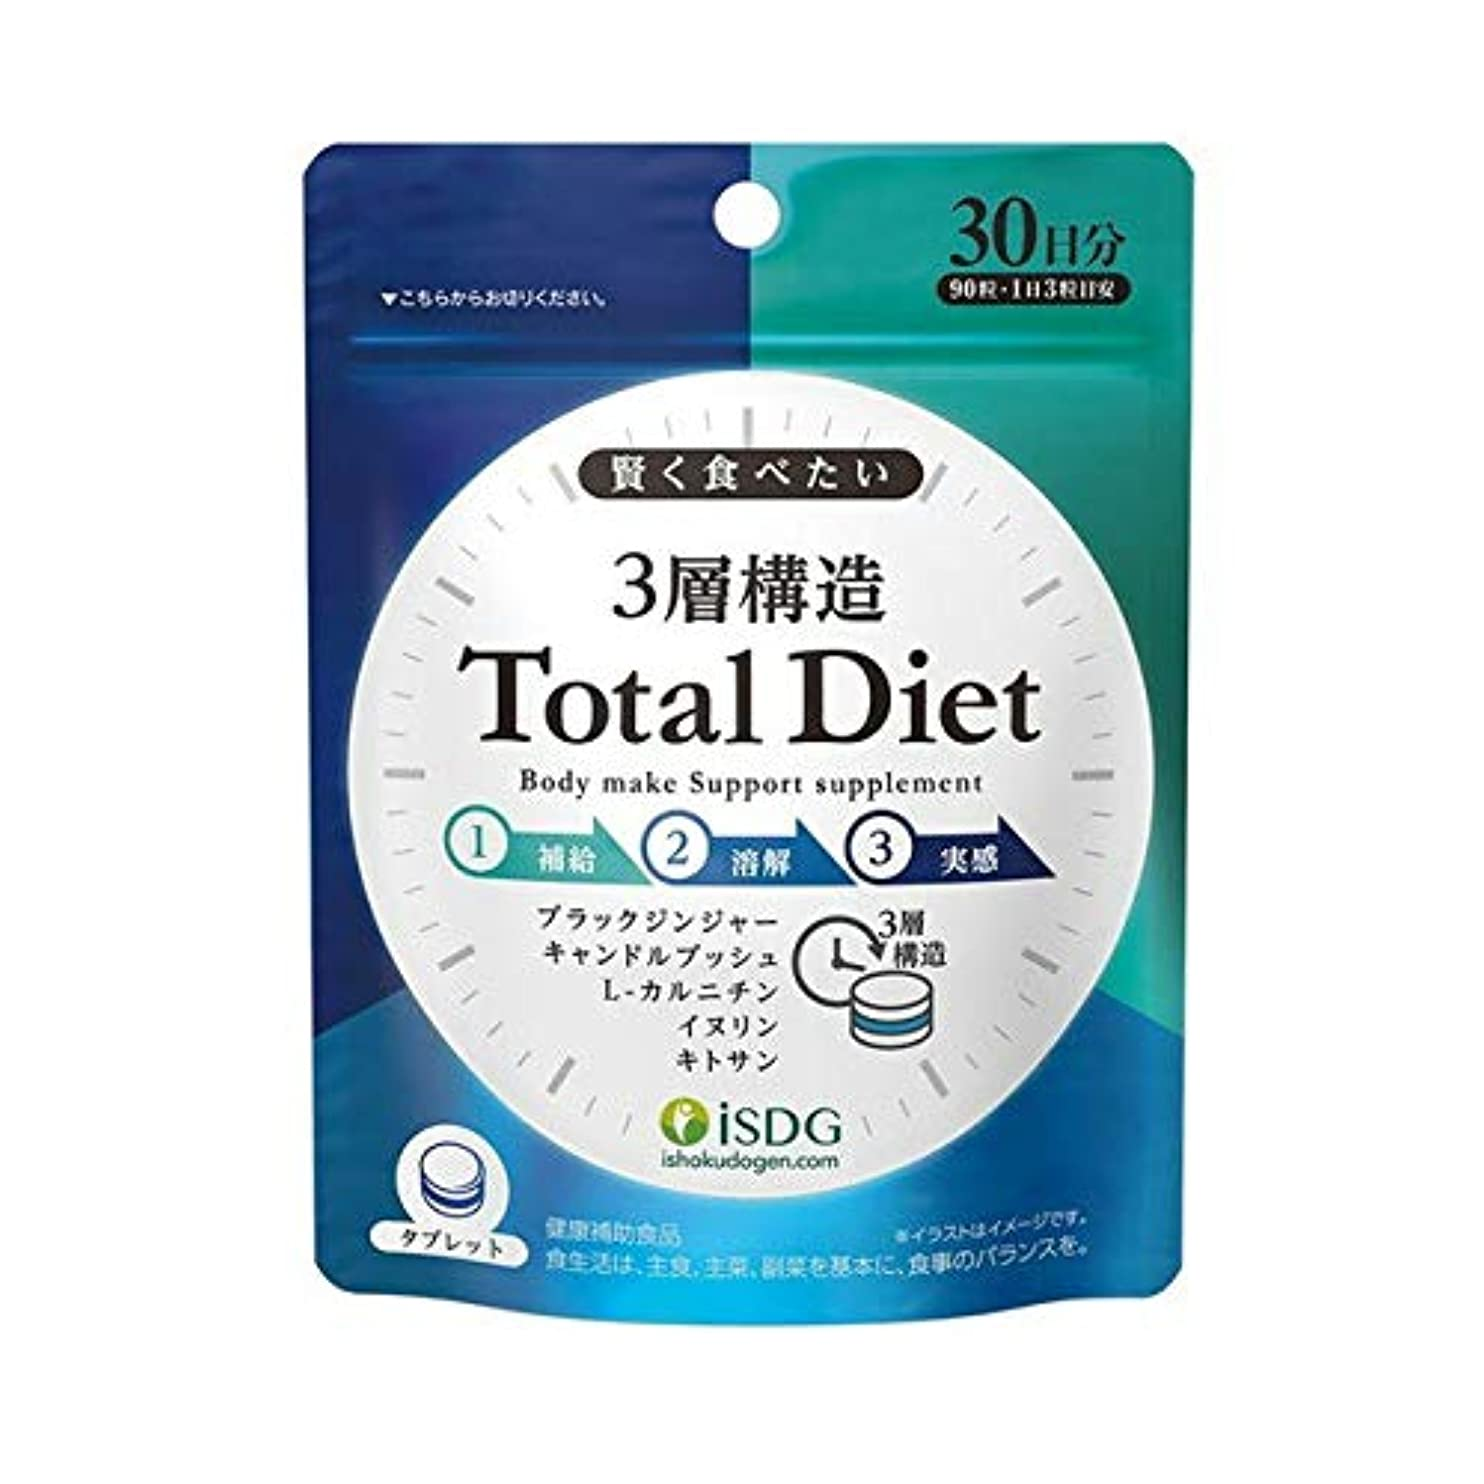 素子義務的ネクタイ医食同源ドットコム ISDG 3層構造 Total Diet 90粒入 トータル ダイエット×3個セット